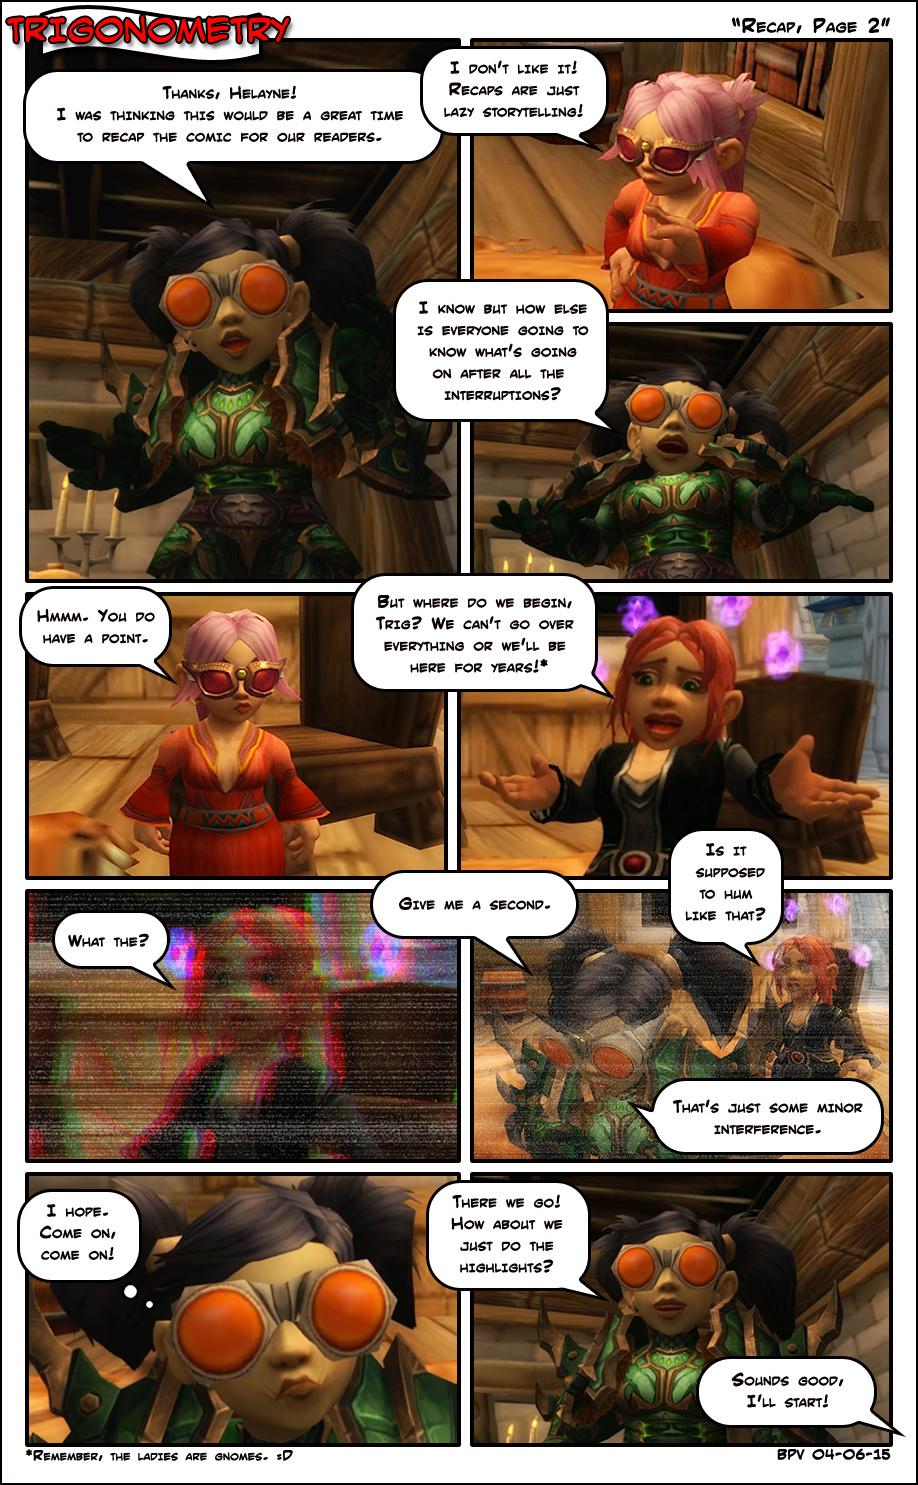 Recap, Page 2